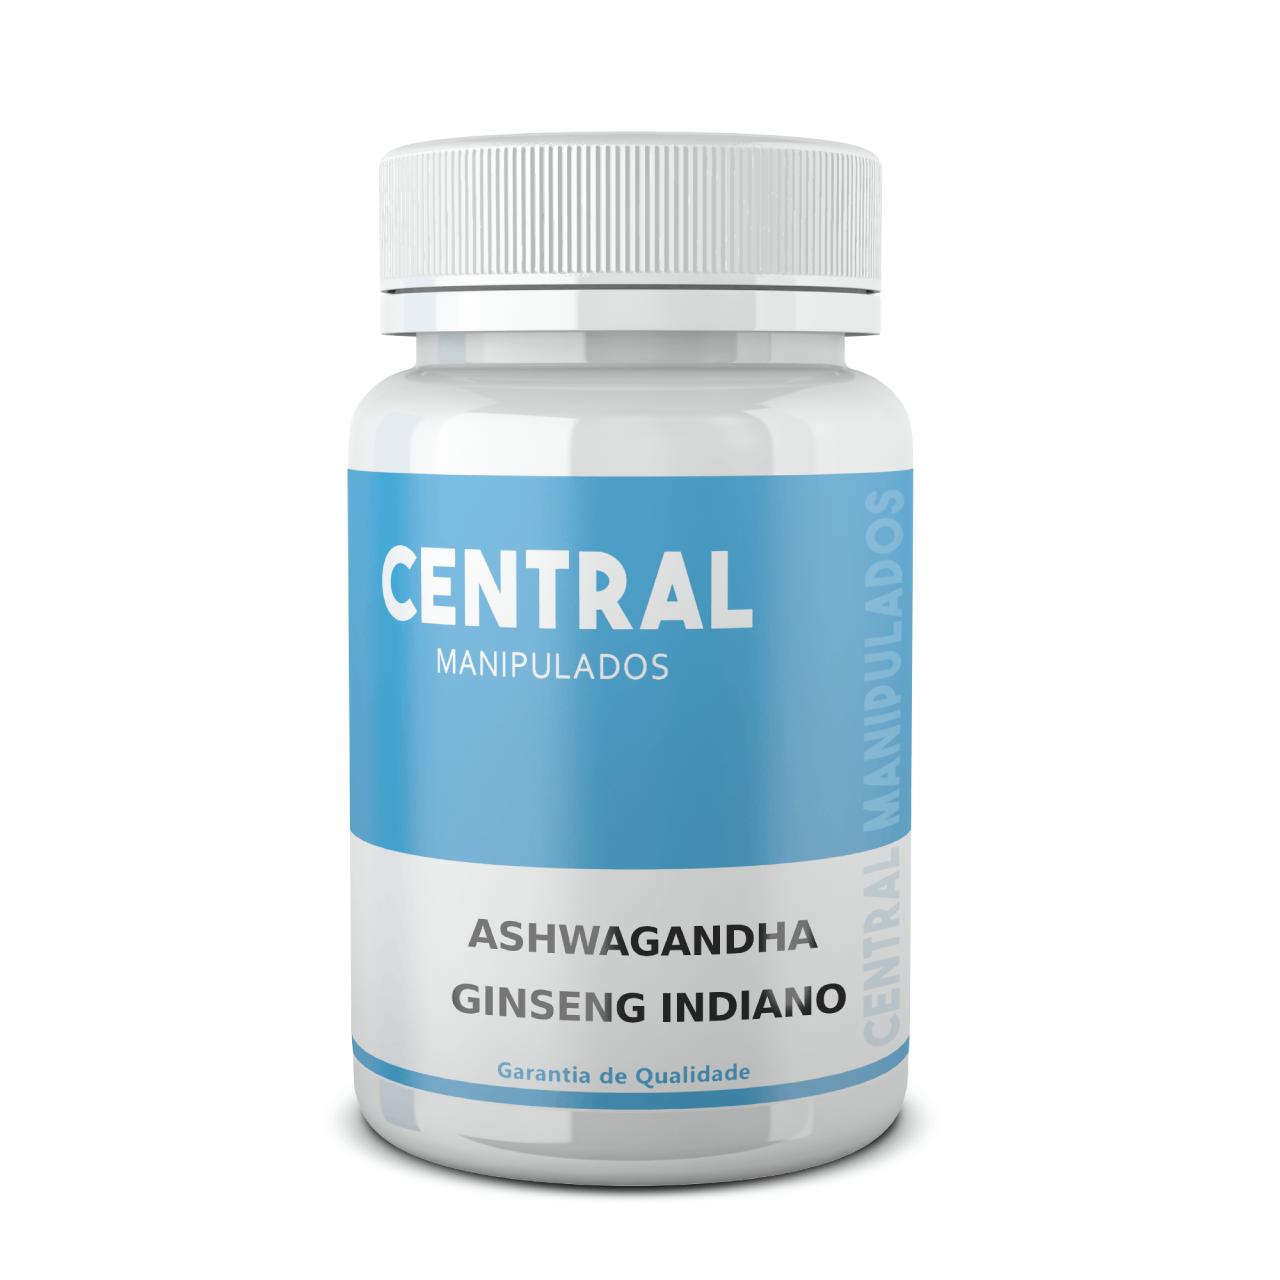 Ginseng Indiano - Ashwagandha - 500mg - 30 cápsulas - Energético e Revitalizante, Melhora Atenção e Sono